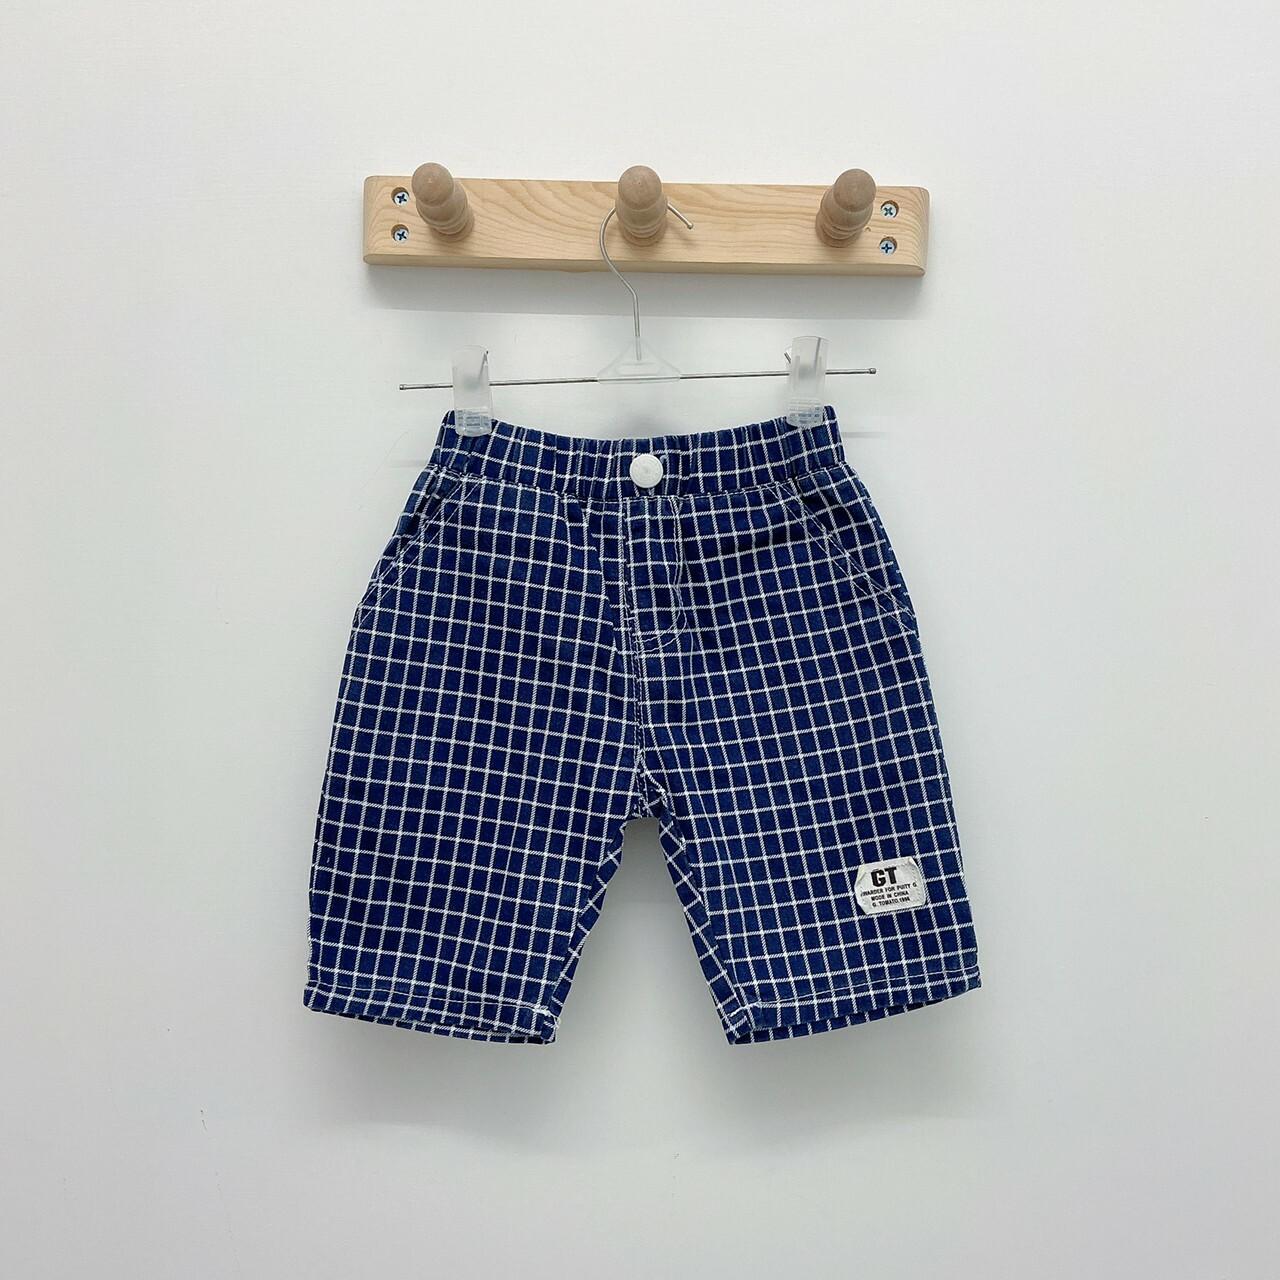 褲裙短 五~七分褲_210803_17.jpg